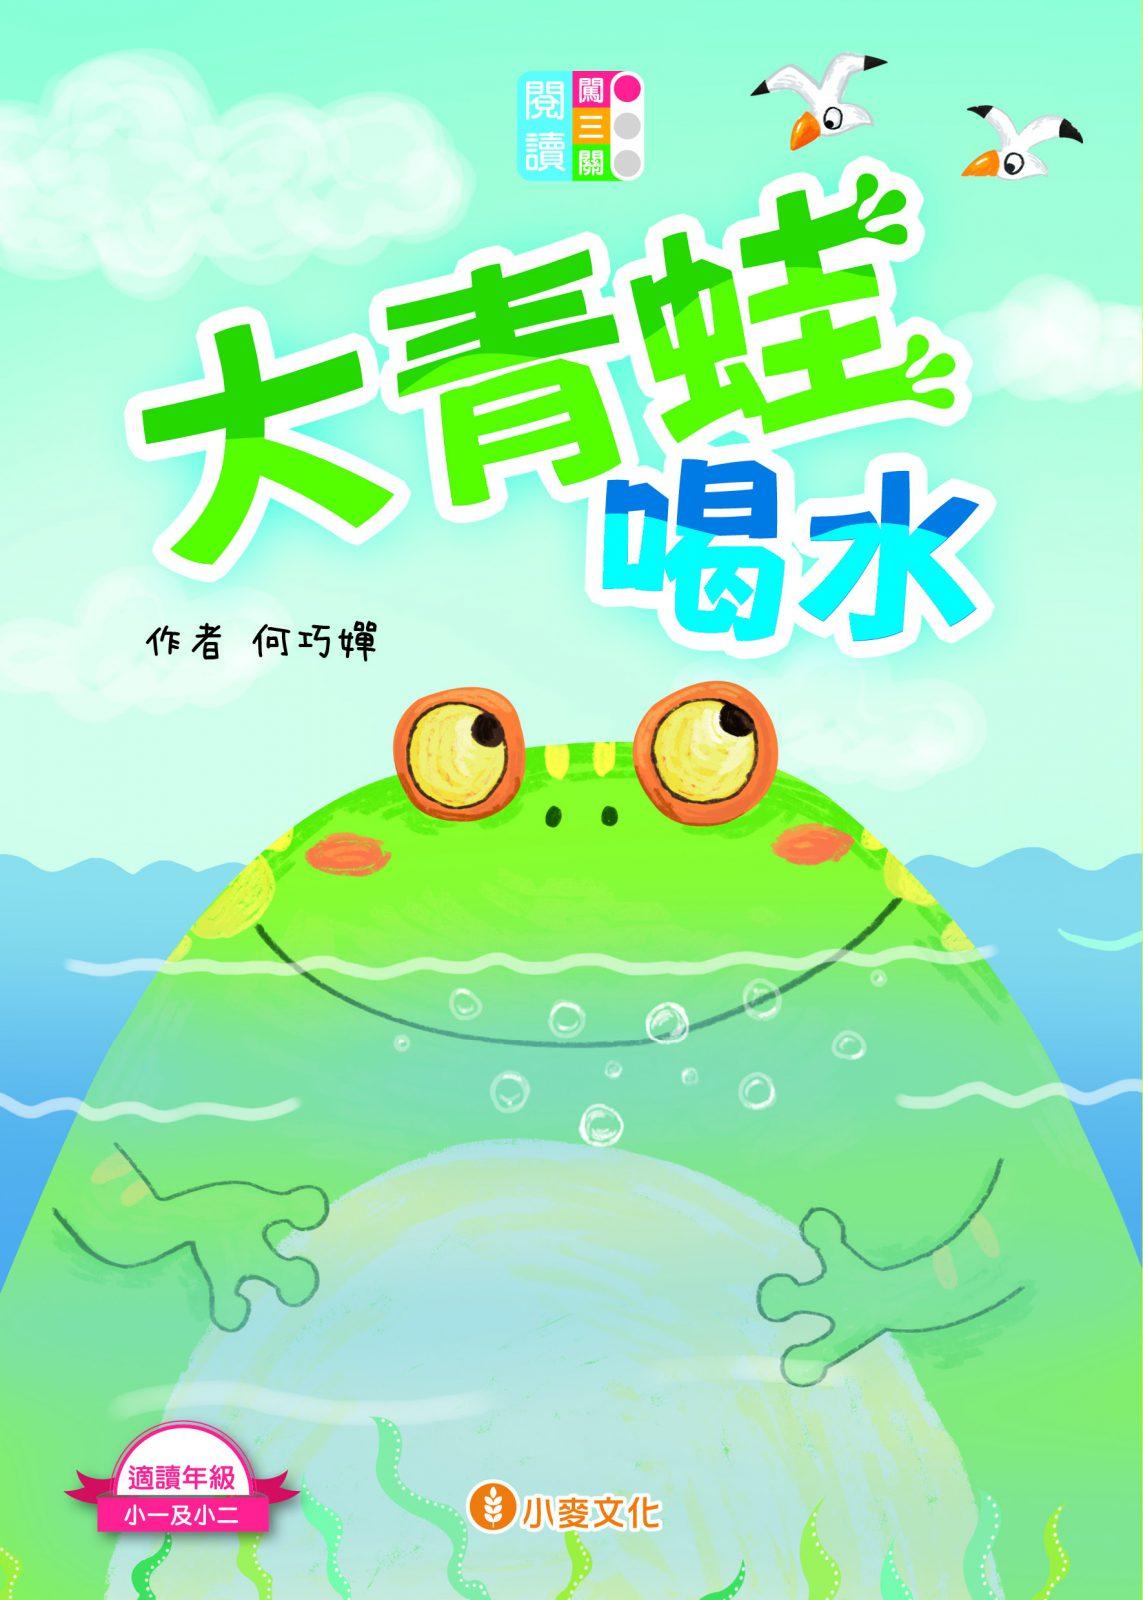 閱讀闖三關:大青蛙喝水